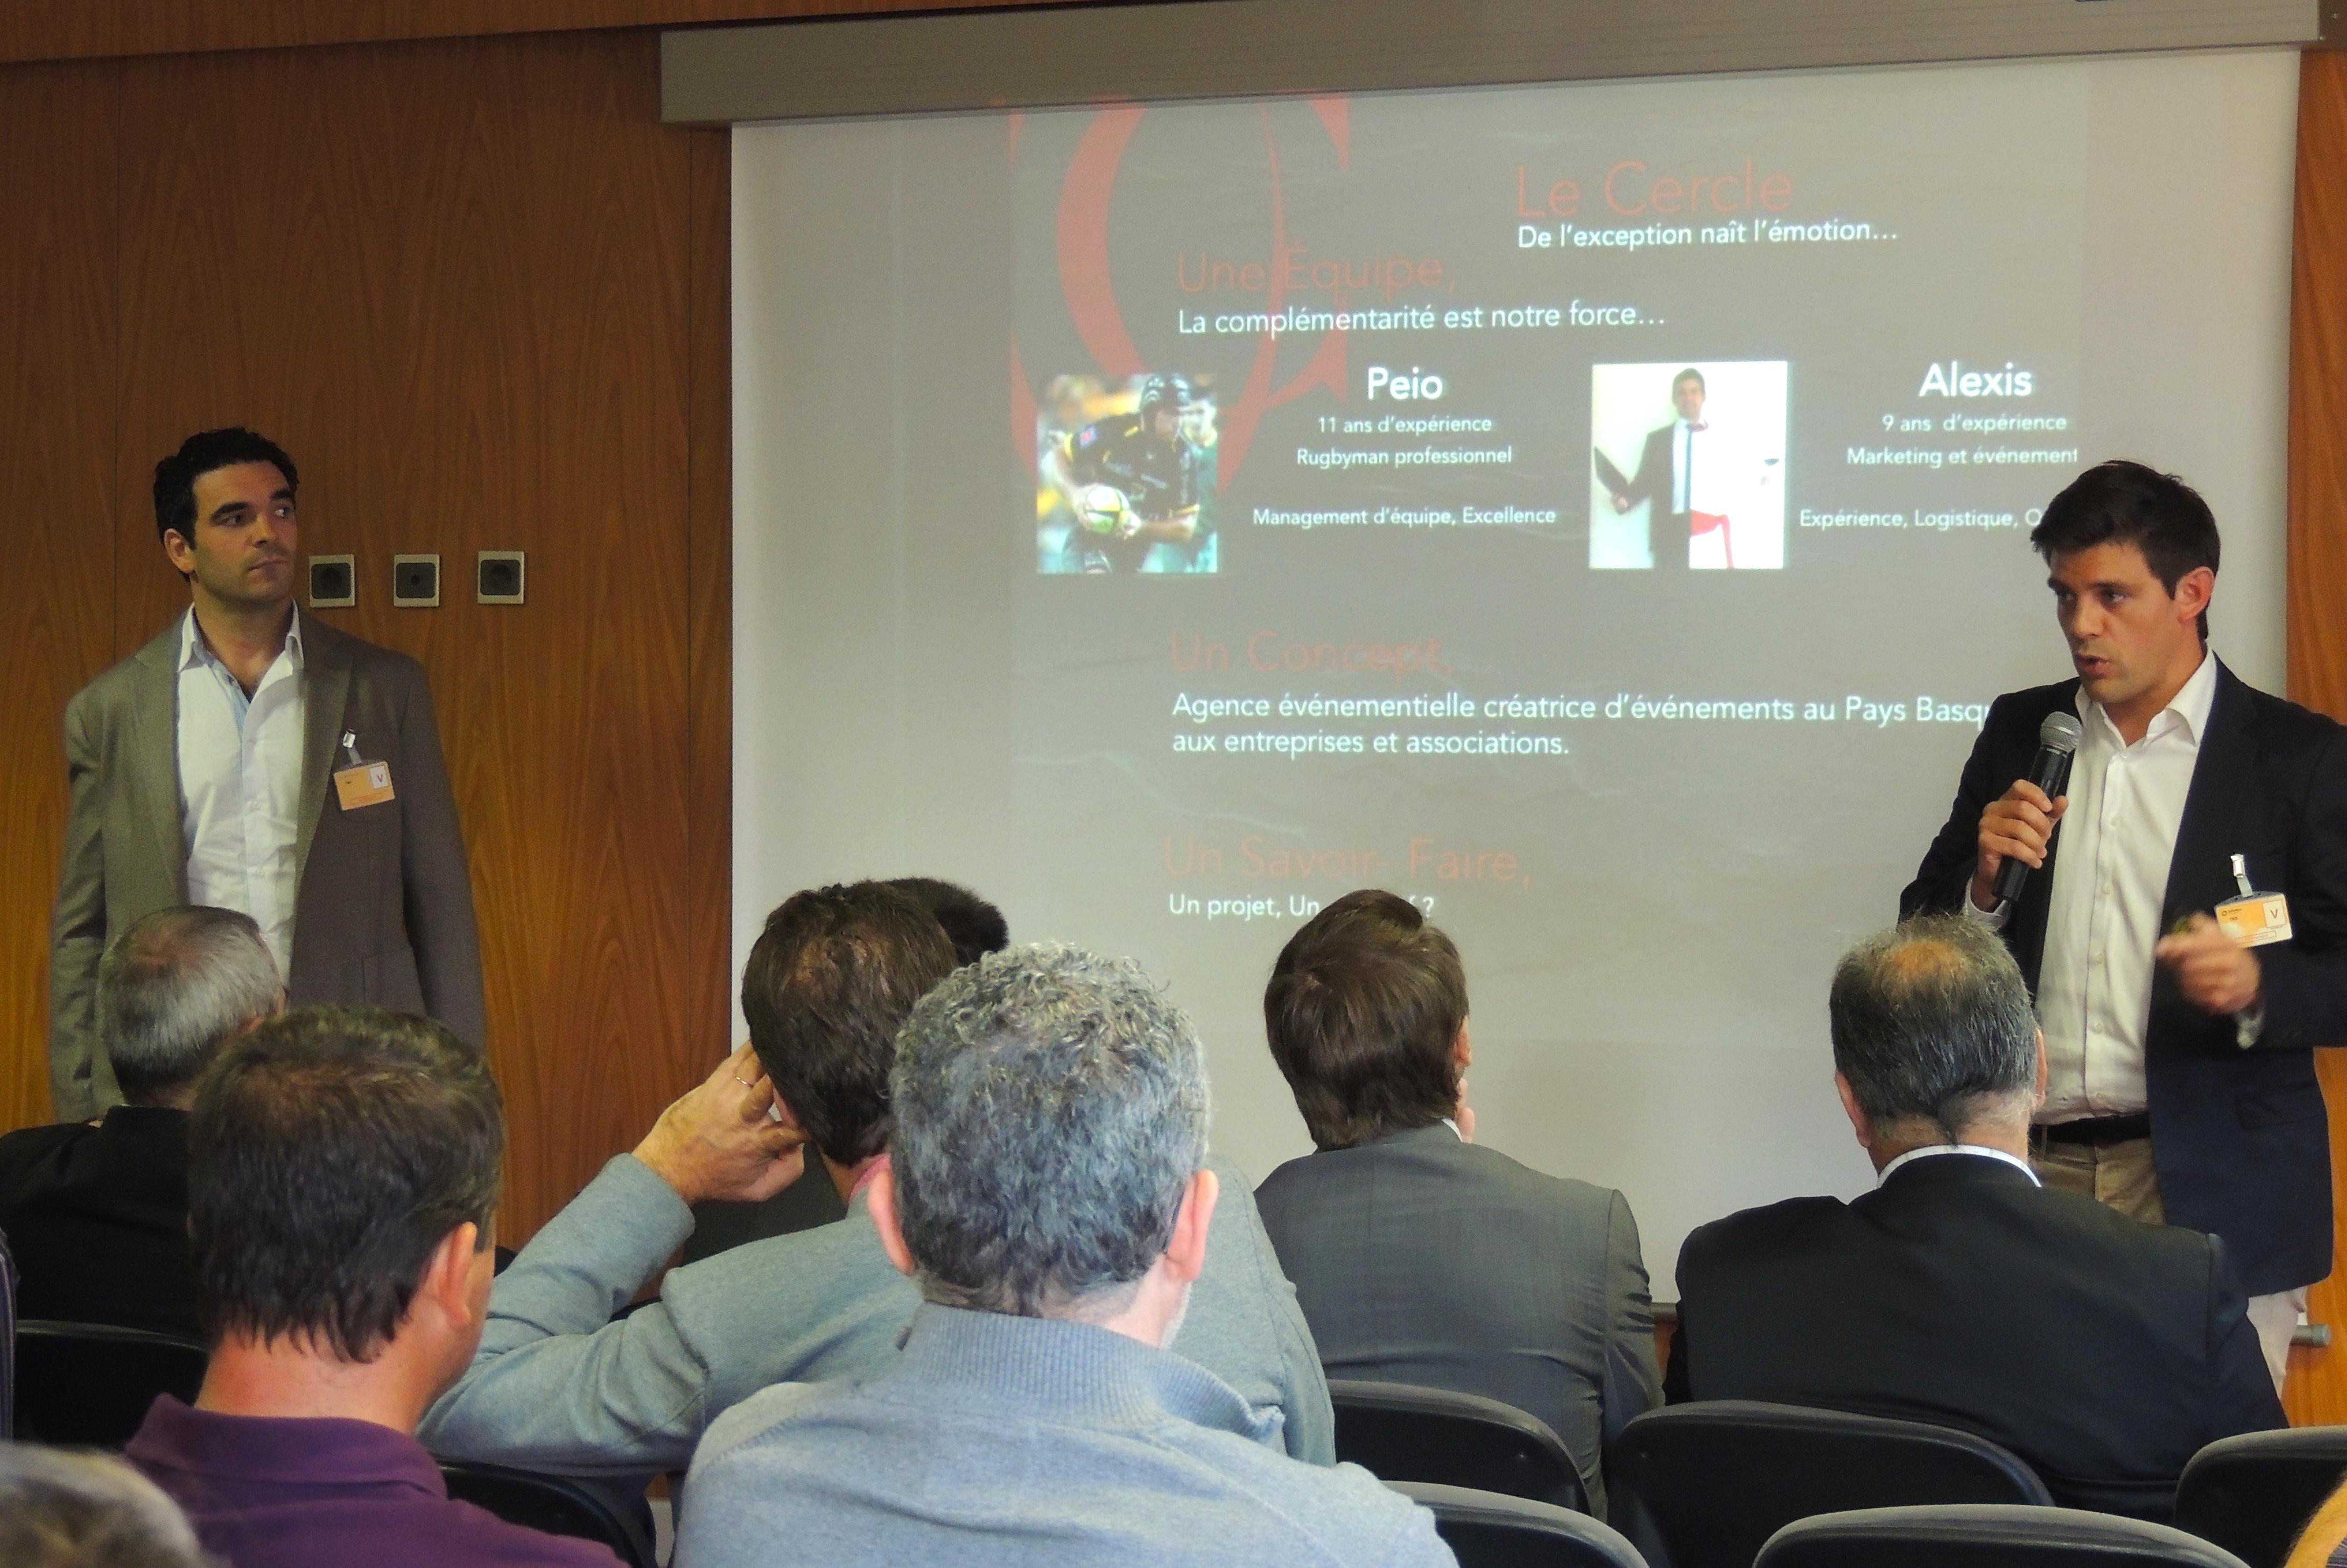 conference-sport-business-pays-basque-biarritz-marc-lievremont-le-cercle-evenements-1